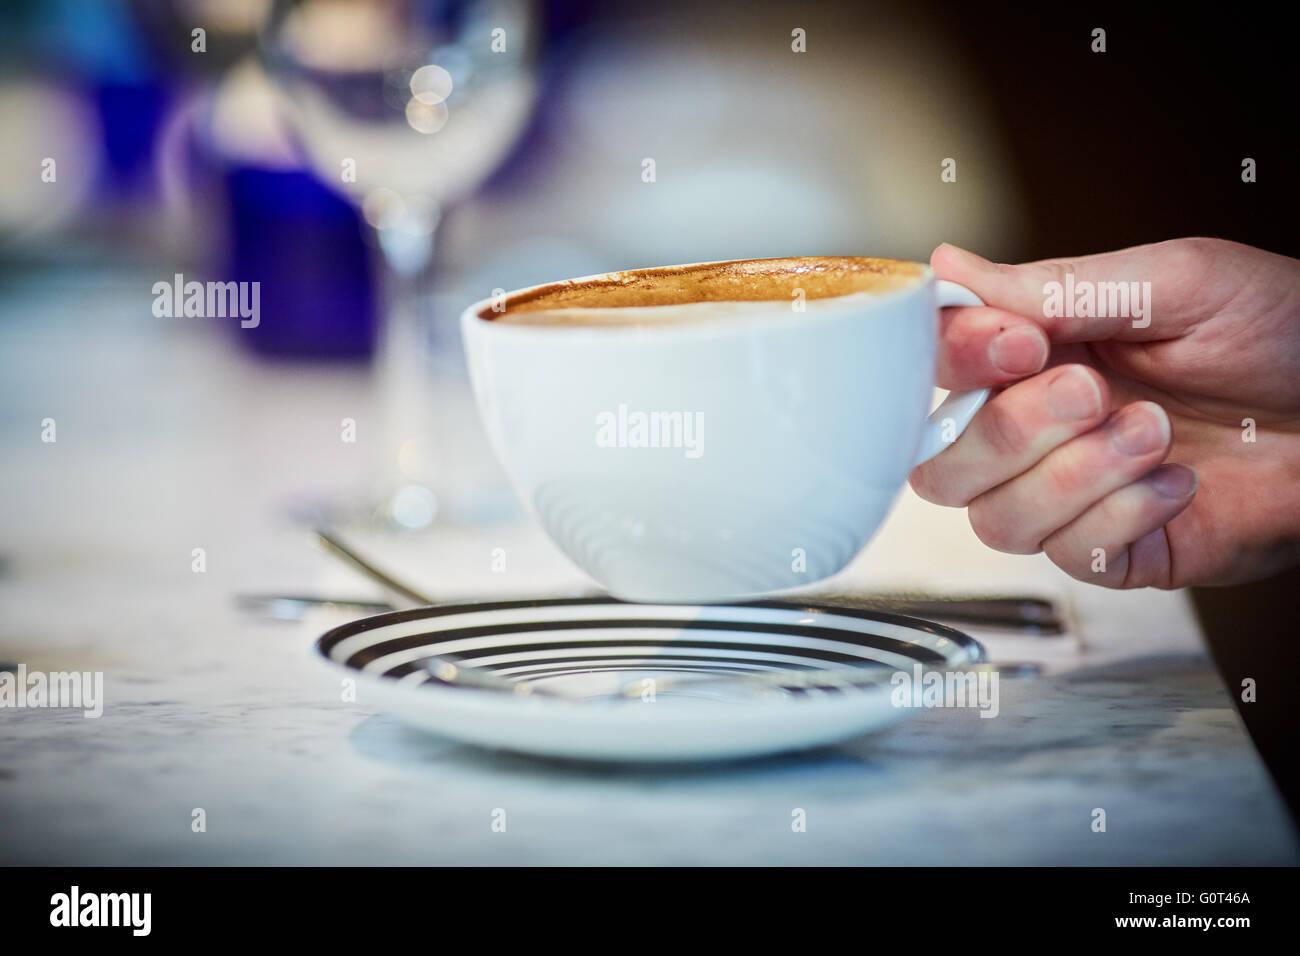 Coup of coffee large mug - Stock Image